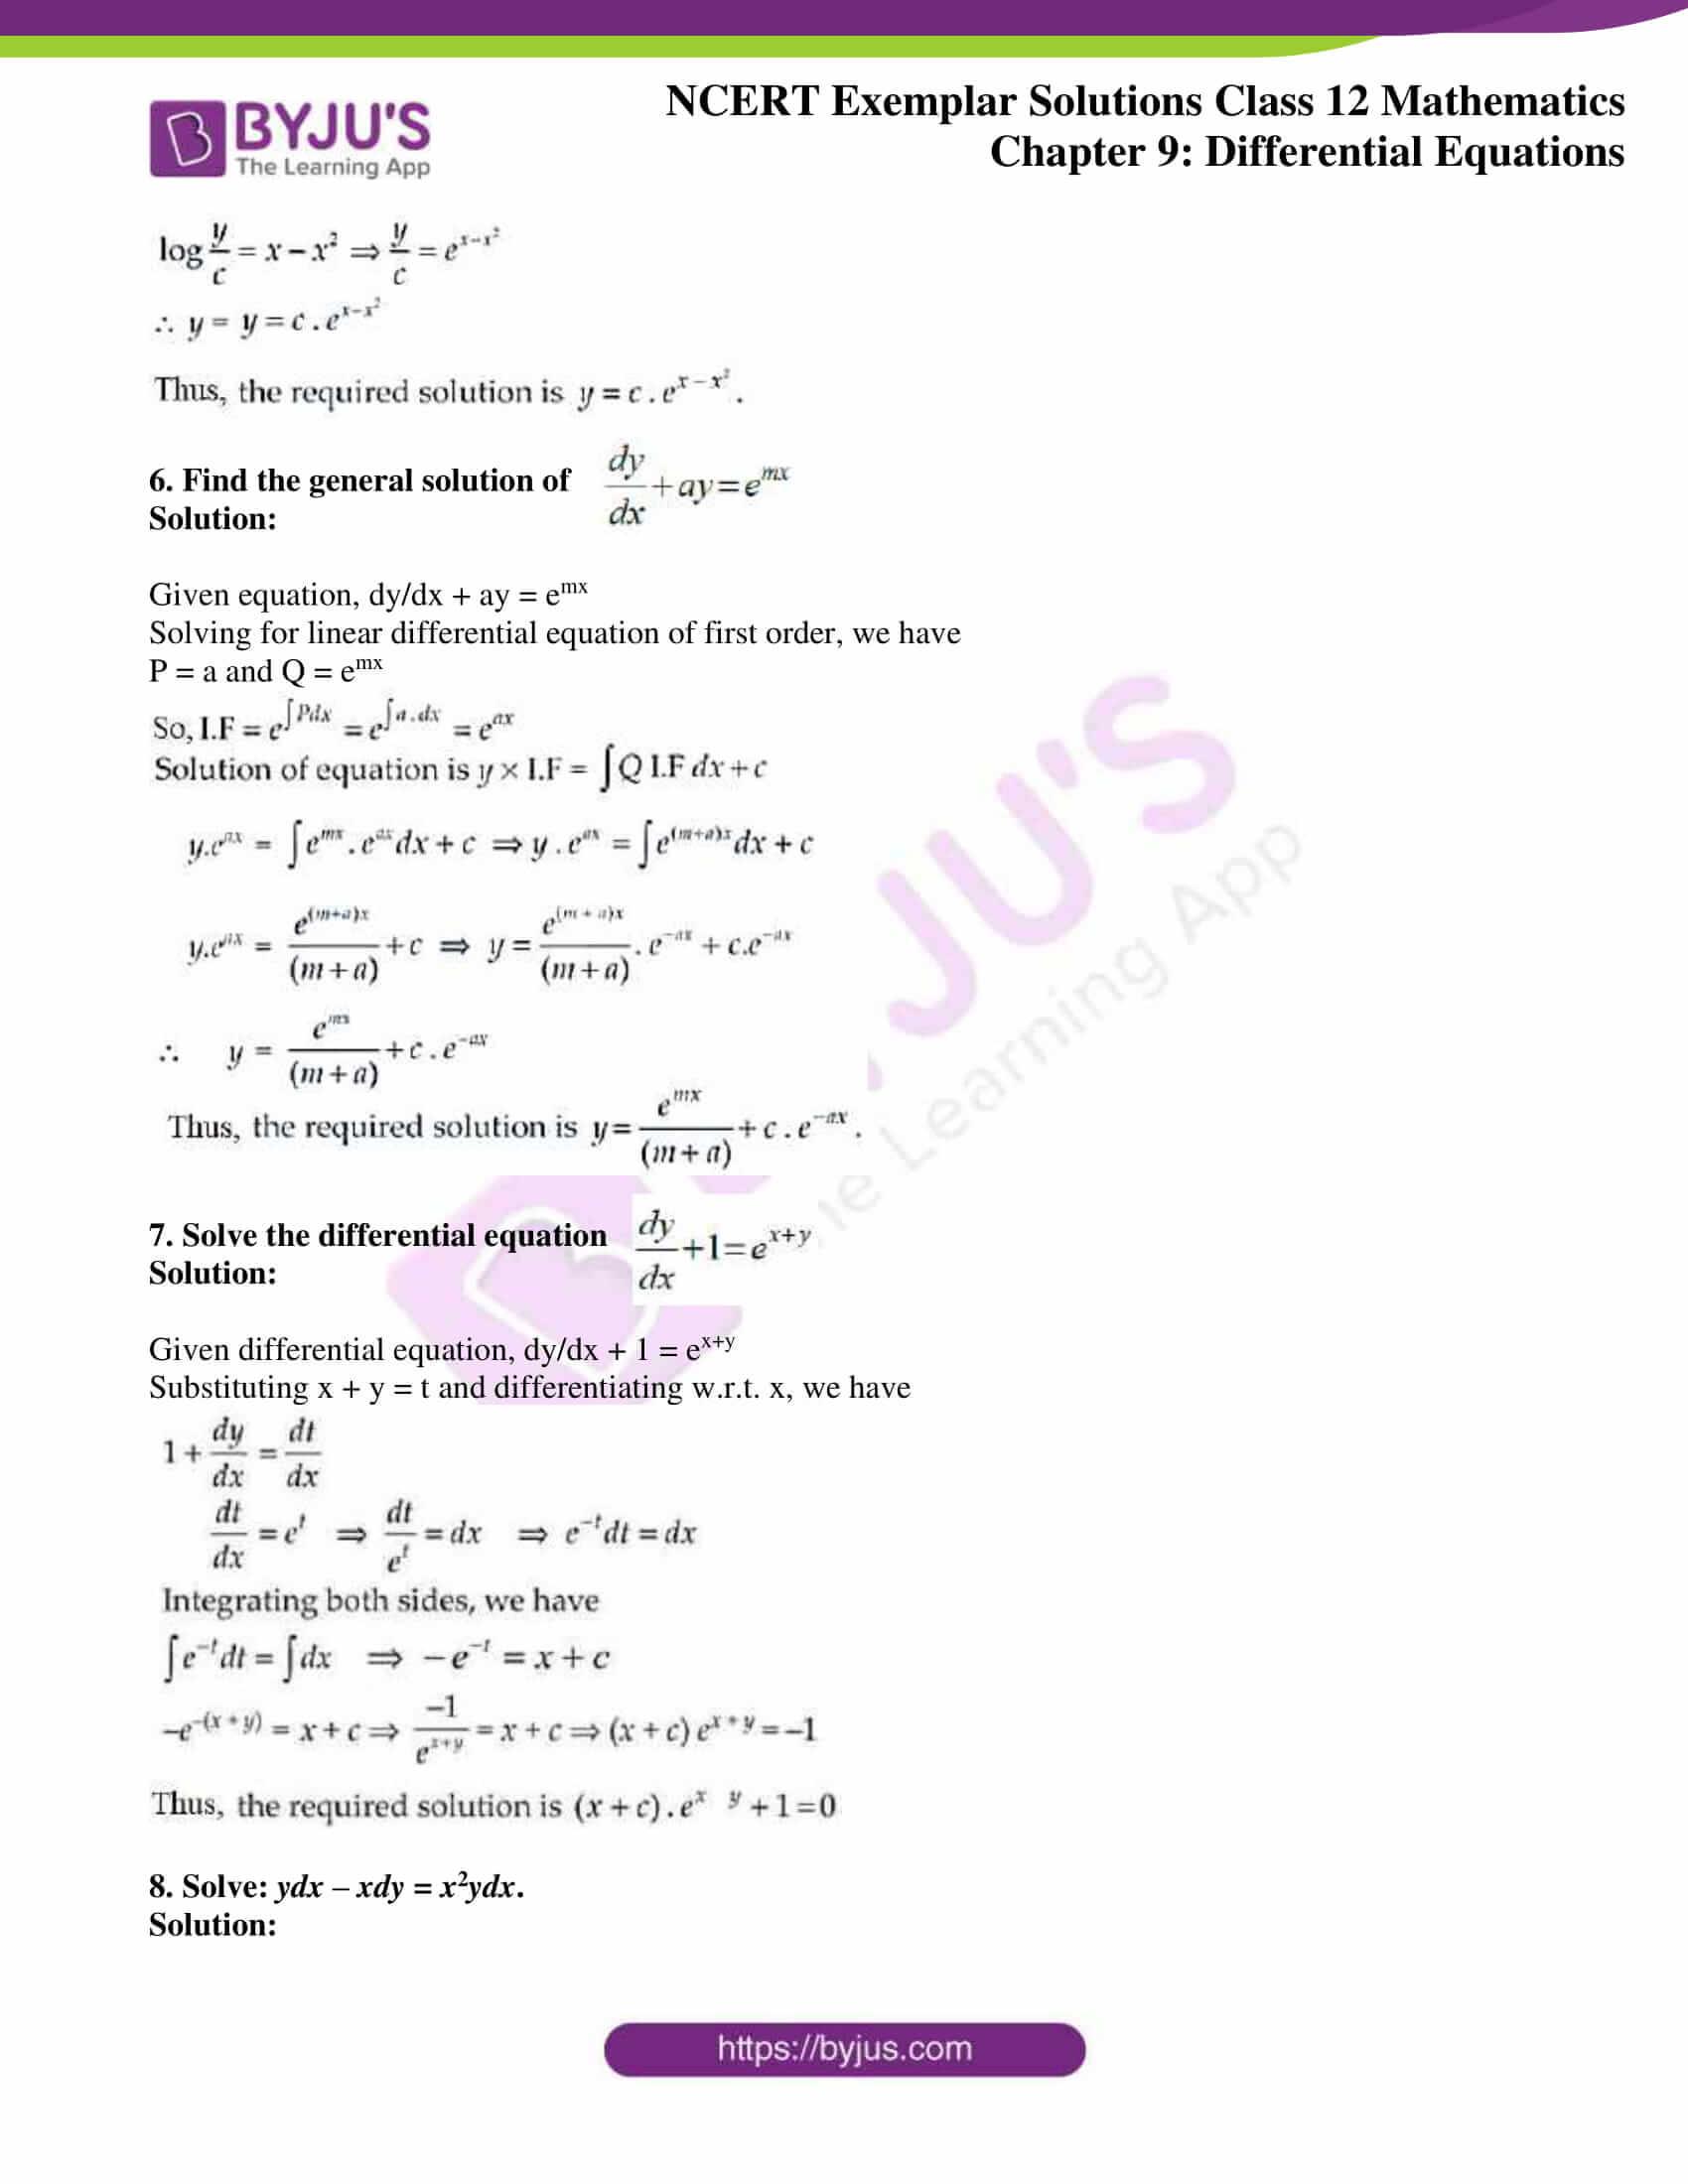 ncert exemplar sol class 12 mathematics ch 9 03